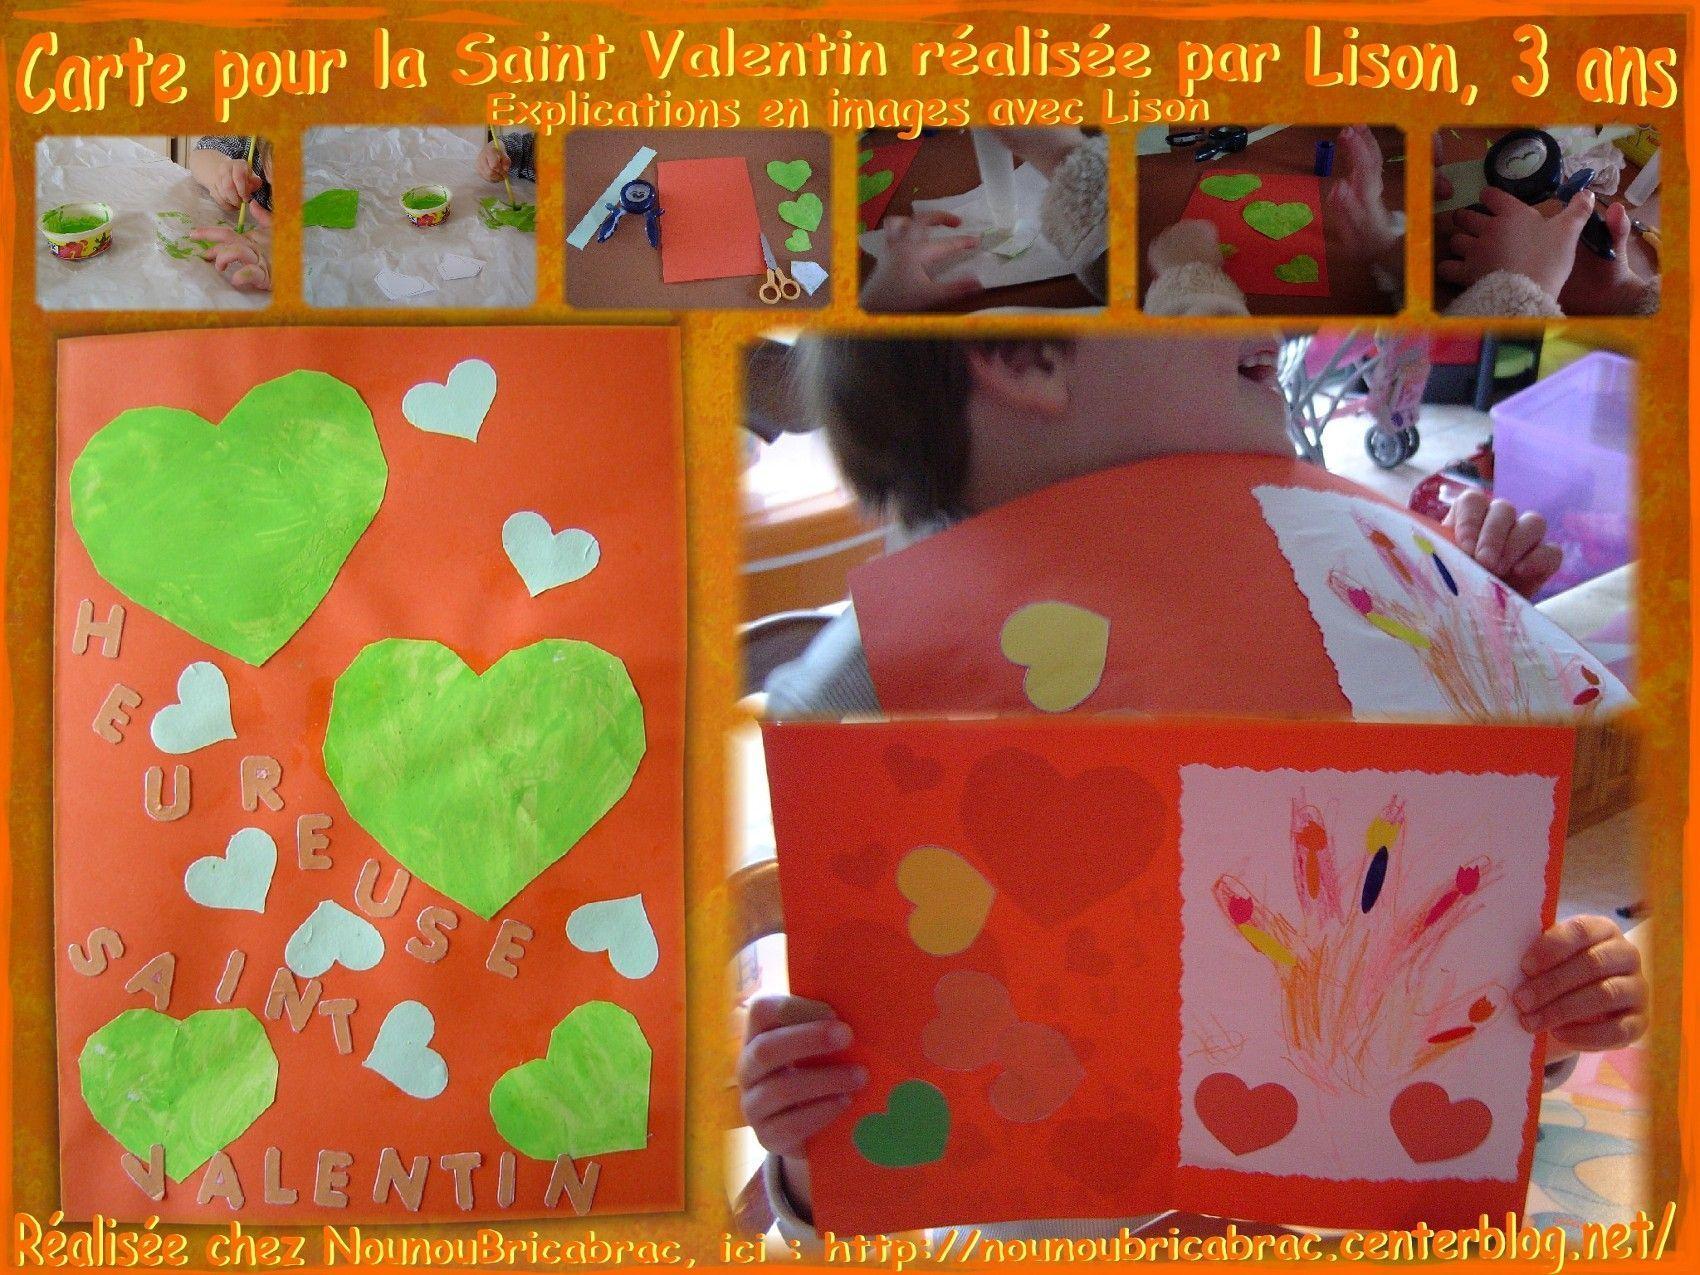 Carte pour la Fête de la Saint Valentin, réalisée et expliquée par Lison